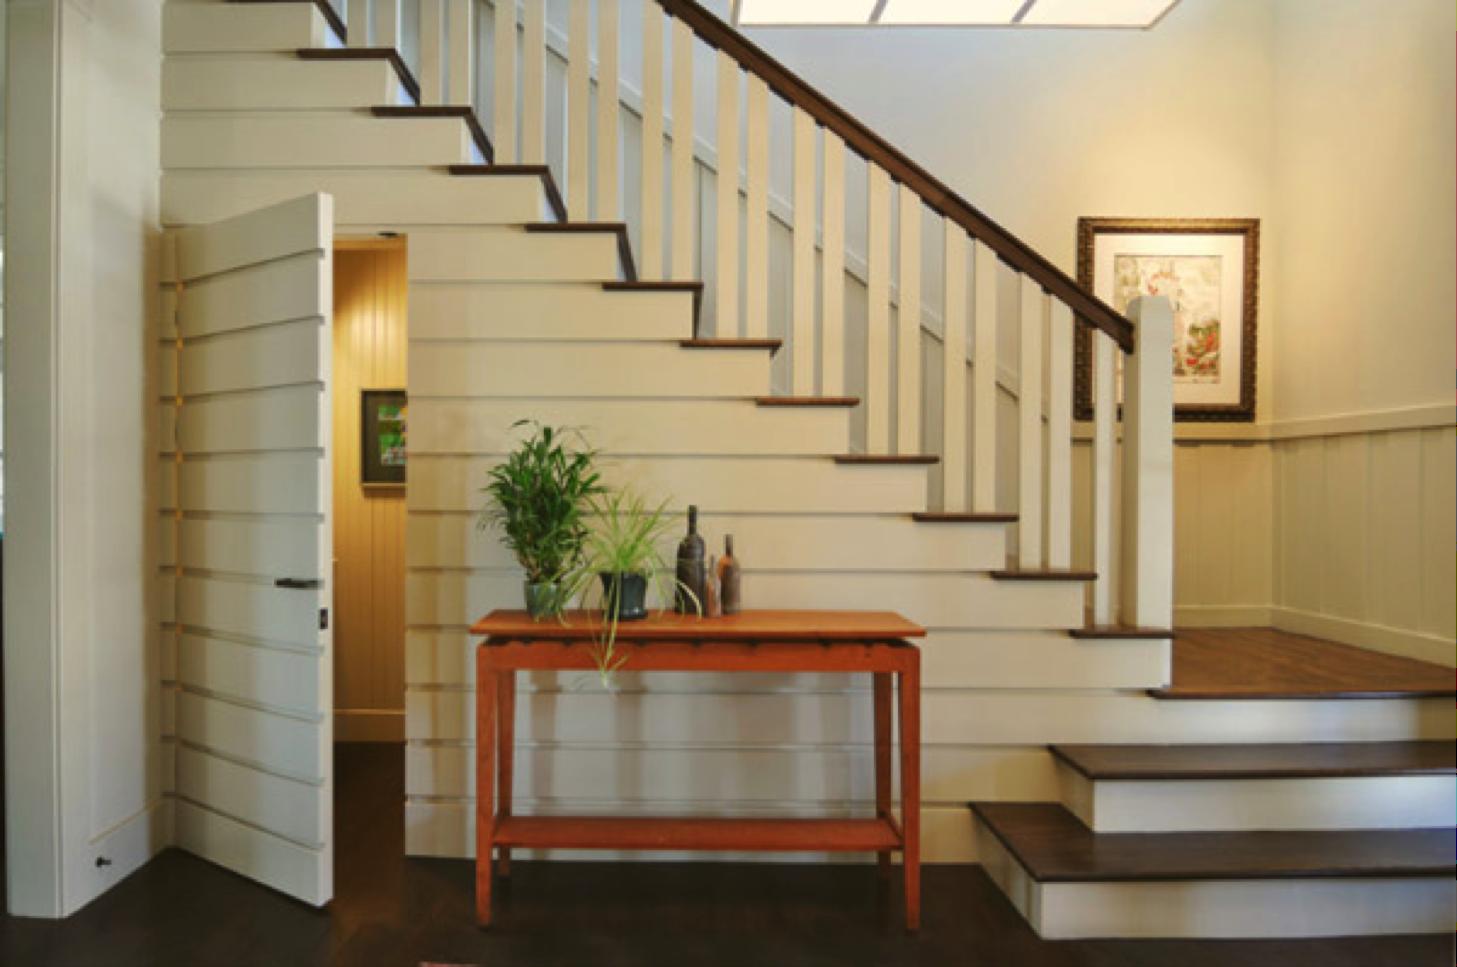 C mo aprovechar el espacio bajo la escalera the for Medios banos debajo de escaleras